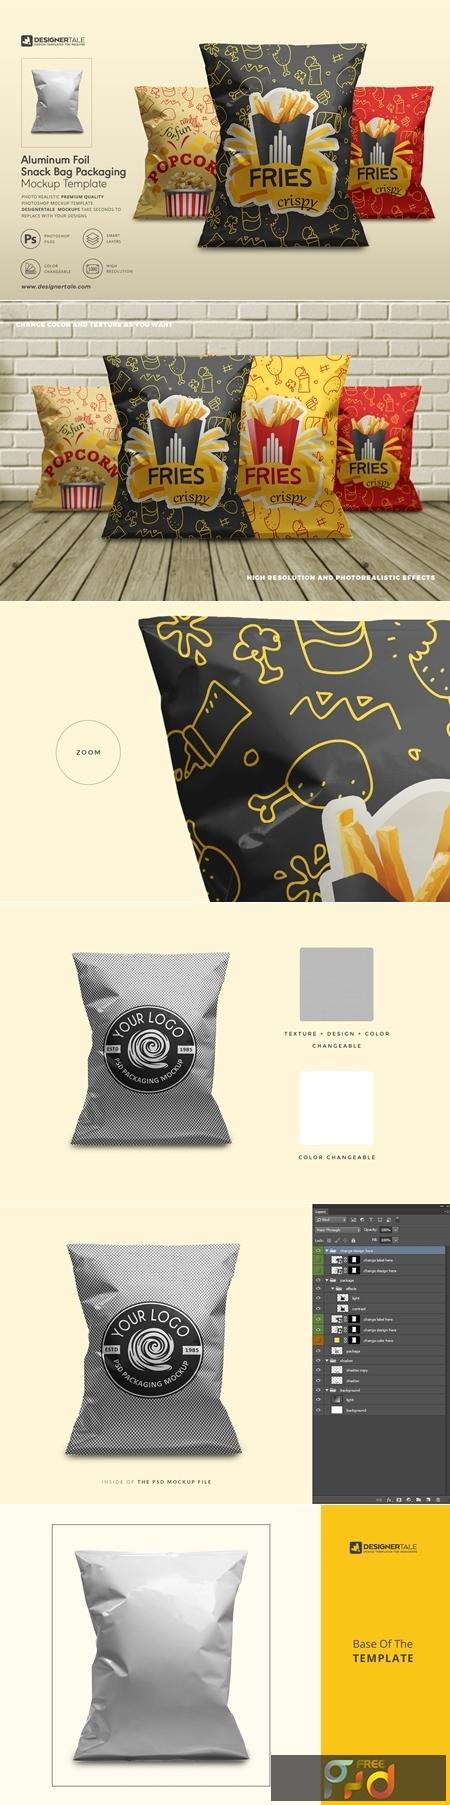 Foil Snack Bag Packaging Mockup 4151690 1